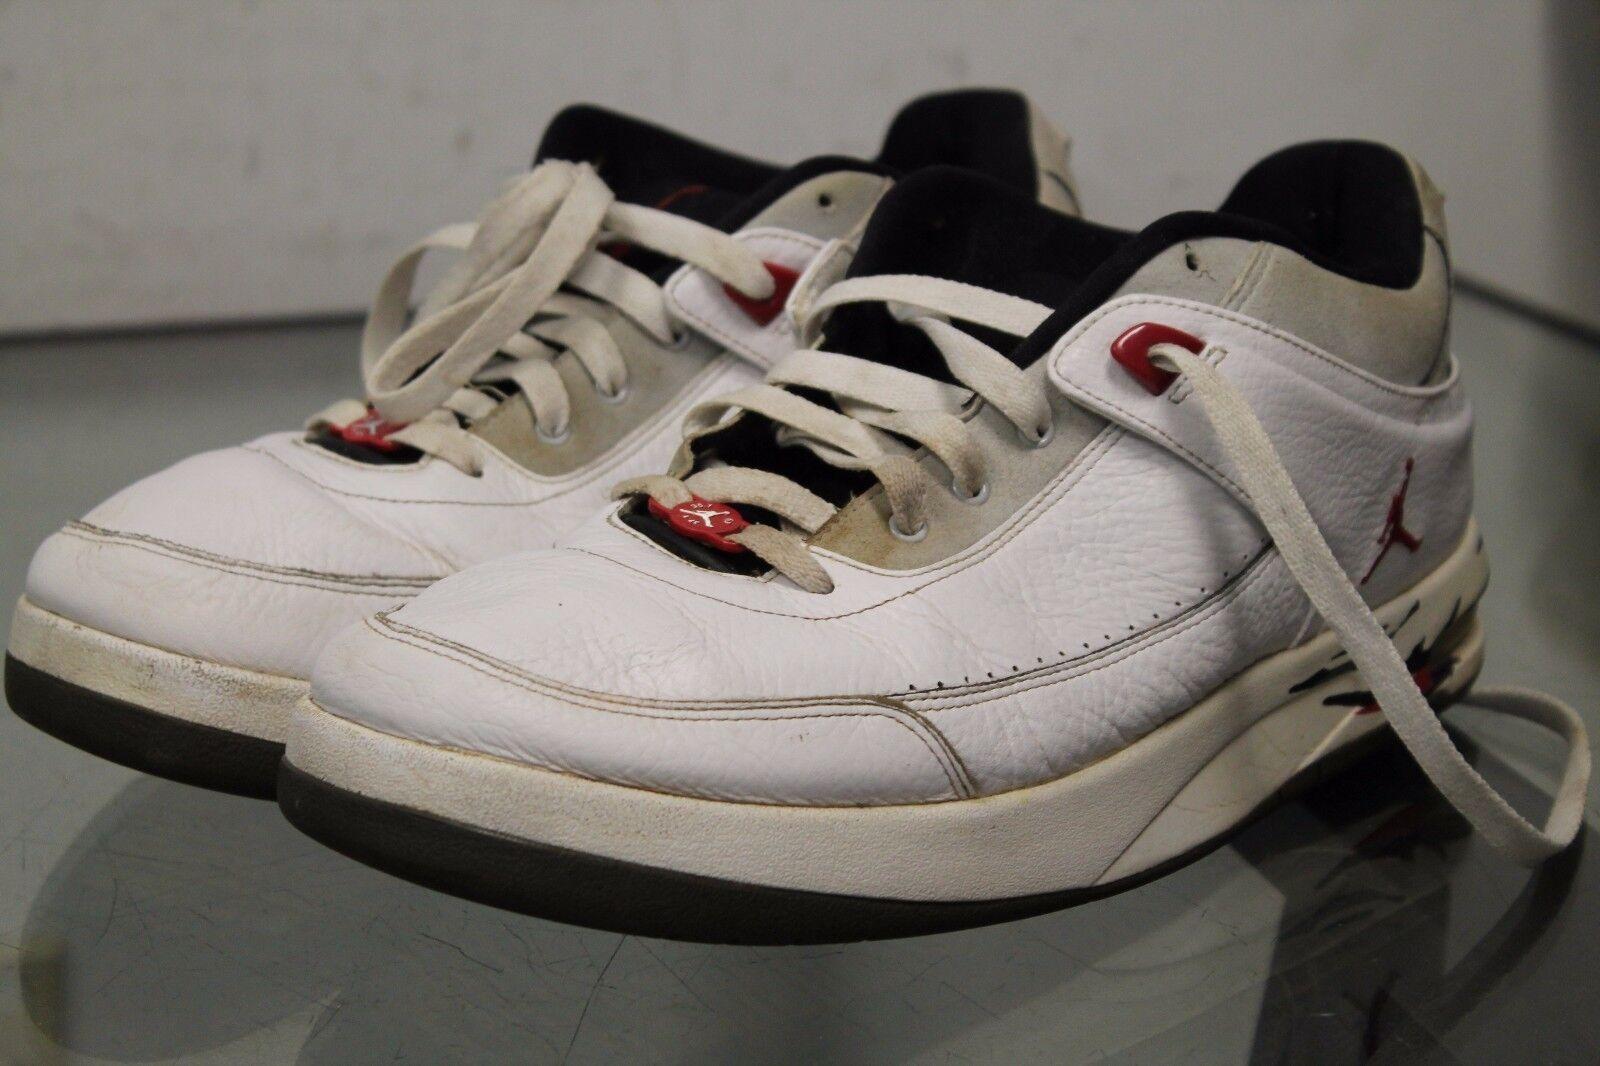 new arrival 26f74 f9328 Nike jordan jordan jordan zapatillas de baloncesto blanco negro de cuero  clásico de 23 317770-